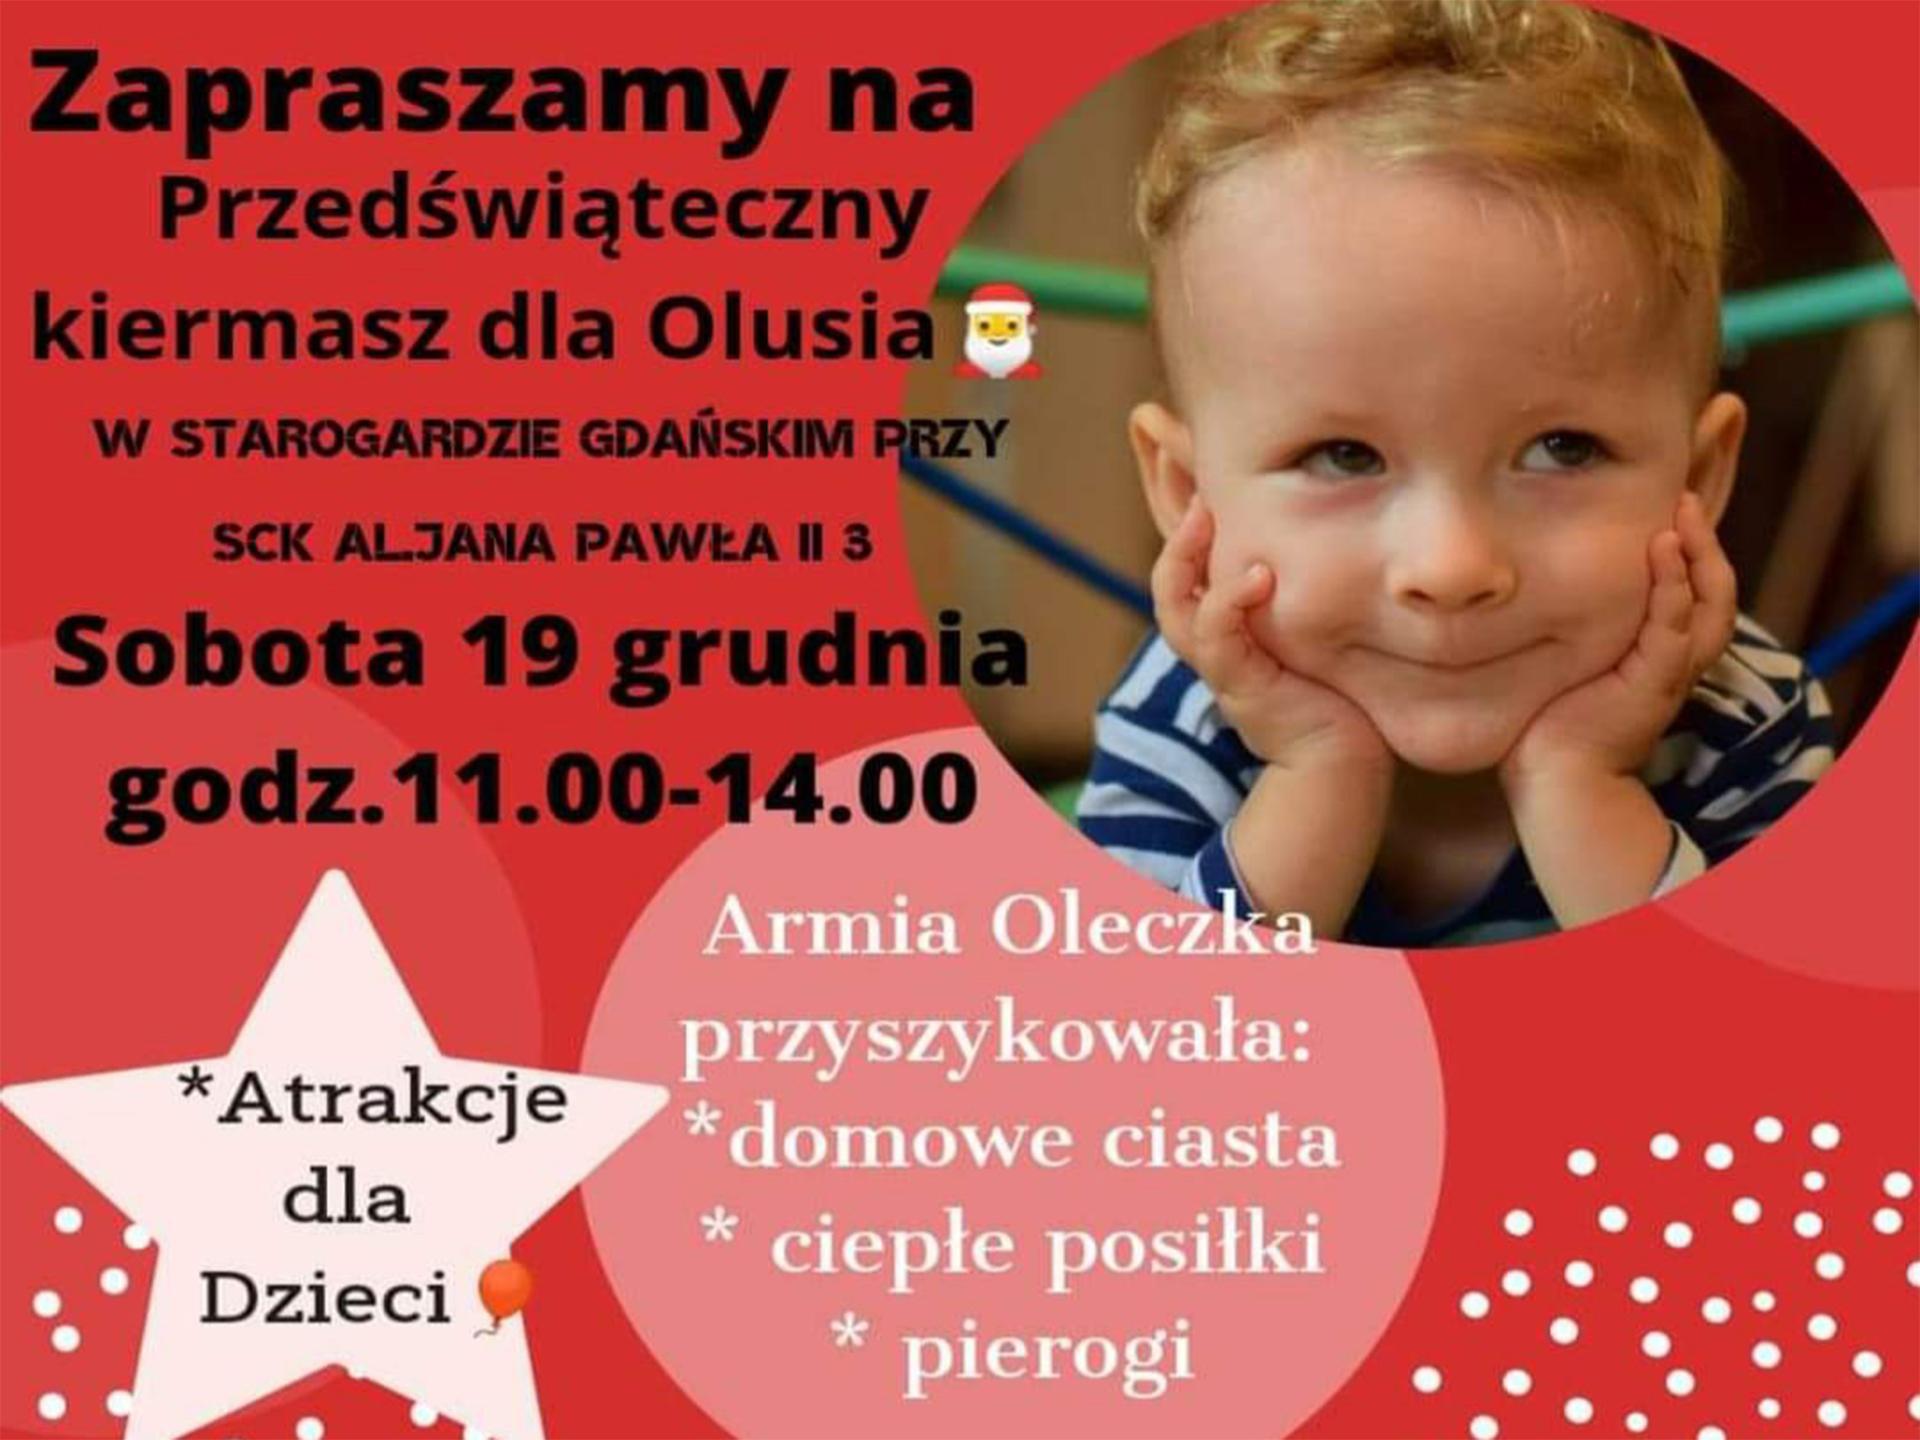 Plakat z datą, godziną i krótkim opisem o akcji charytatywnej dla Olusia chorego na SMA